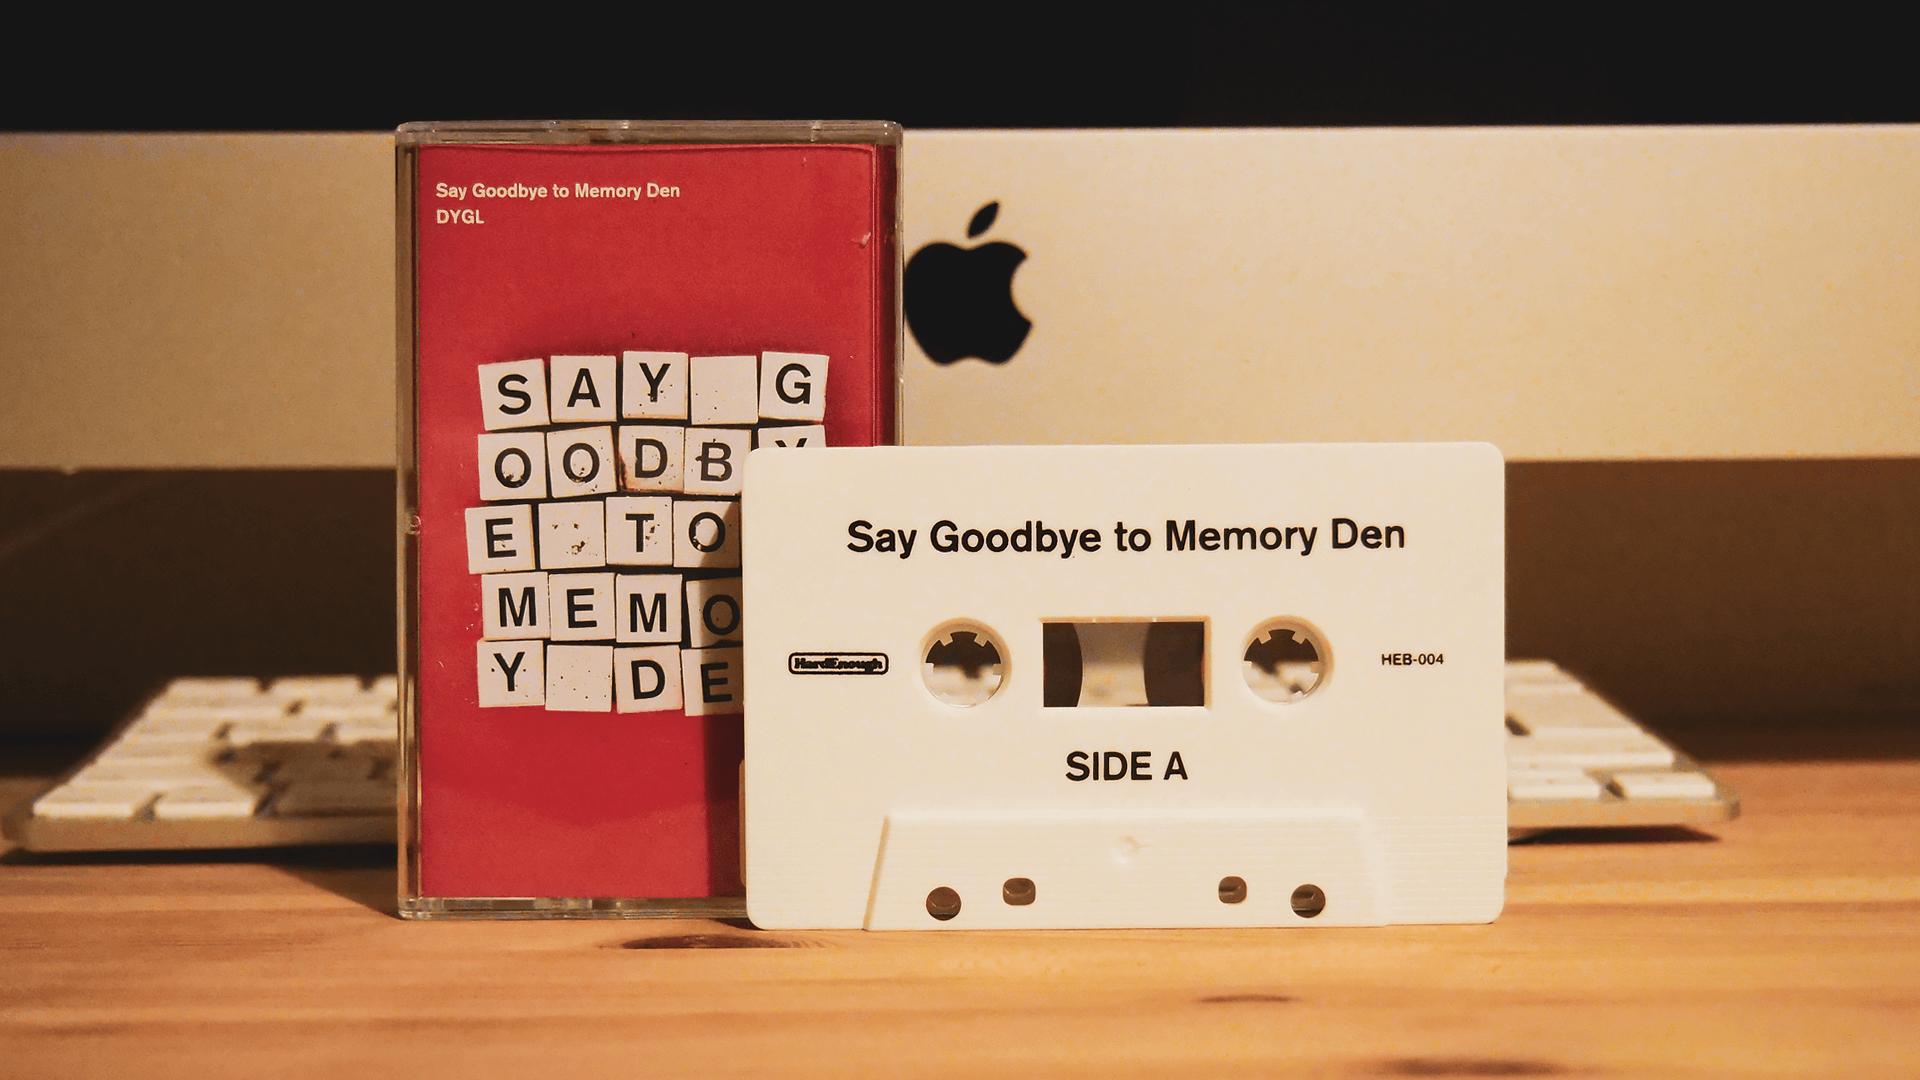 fm802のヘビロにも選ばれたDYGL「Say Goodbye to Memory Den」のカセットテープ